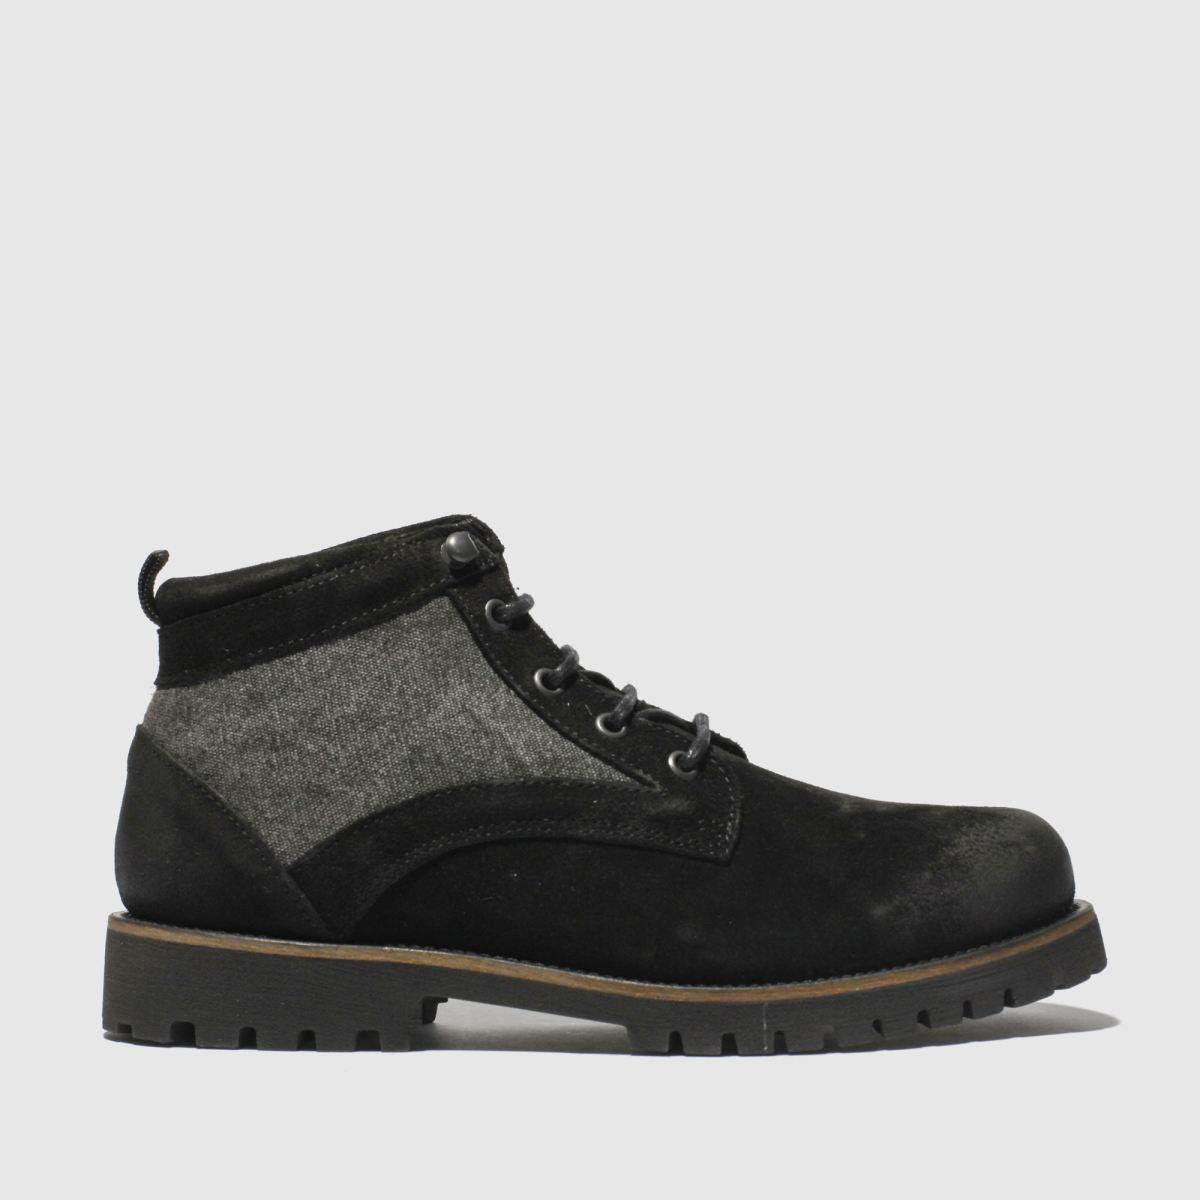 Schuh Black Commander Mix Boots